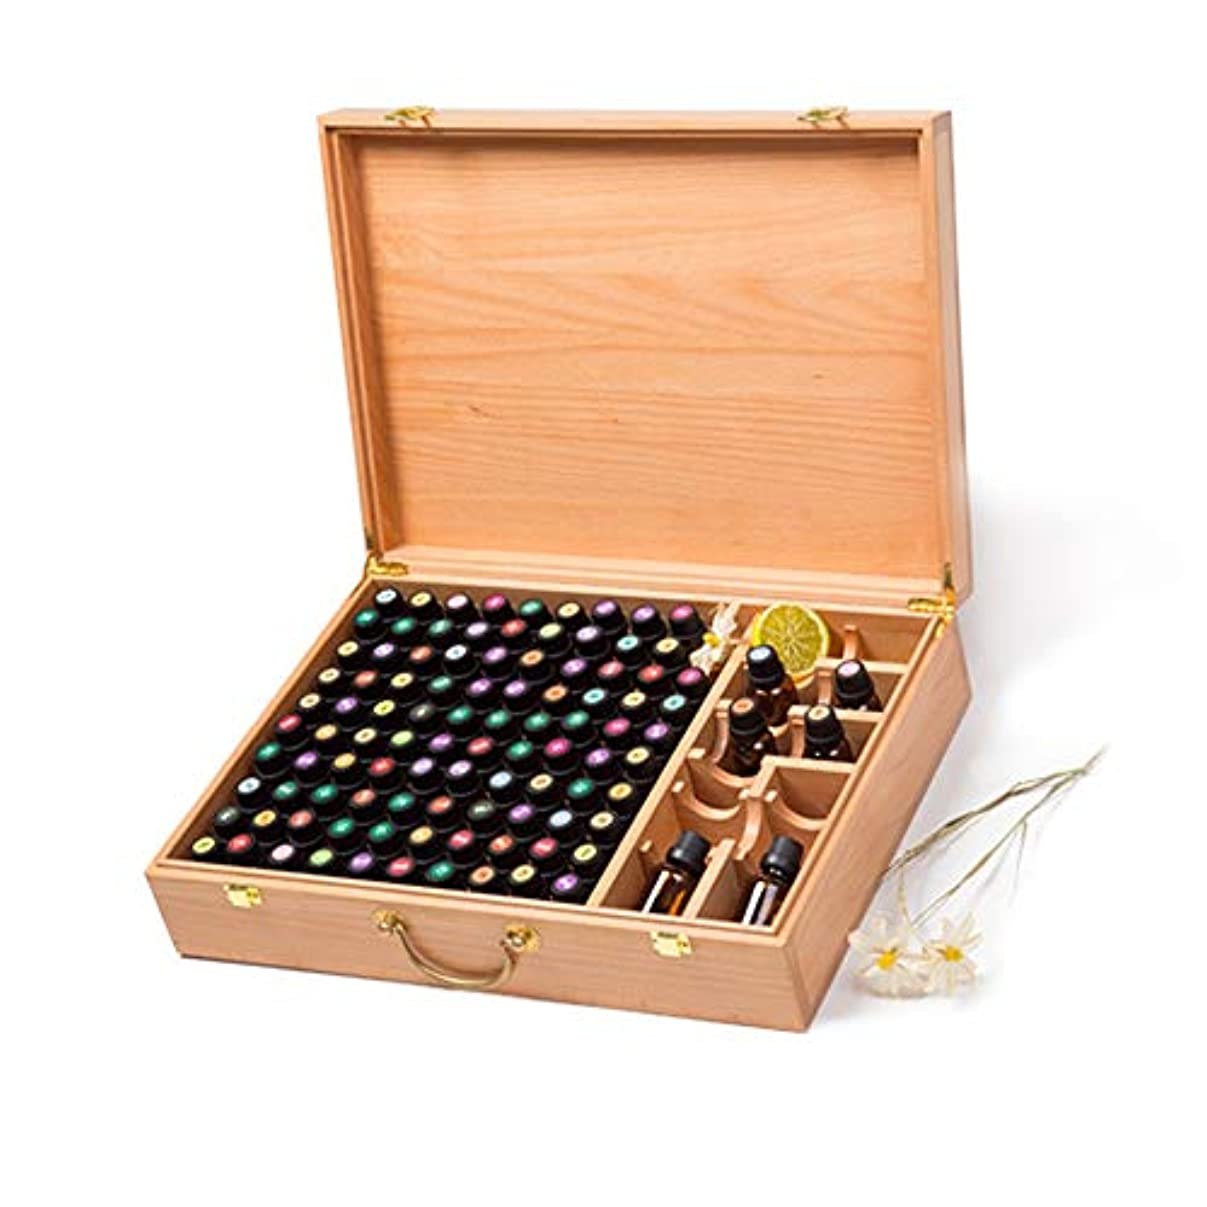 勇敢な置き場上がるエッセンシャルオイルの保管 ハンドルパーフェクトエッセンシャルオイルのケースでは手作りの木製エッセンシャルオイルストレージボックスは100の油のボトルを保持します (色 : Natural, サイズ : 44X31.5X10.5CM)